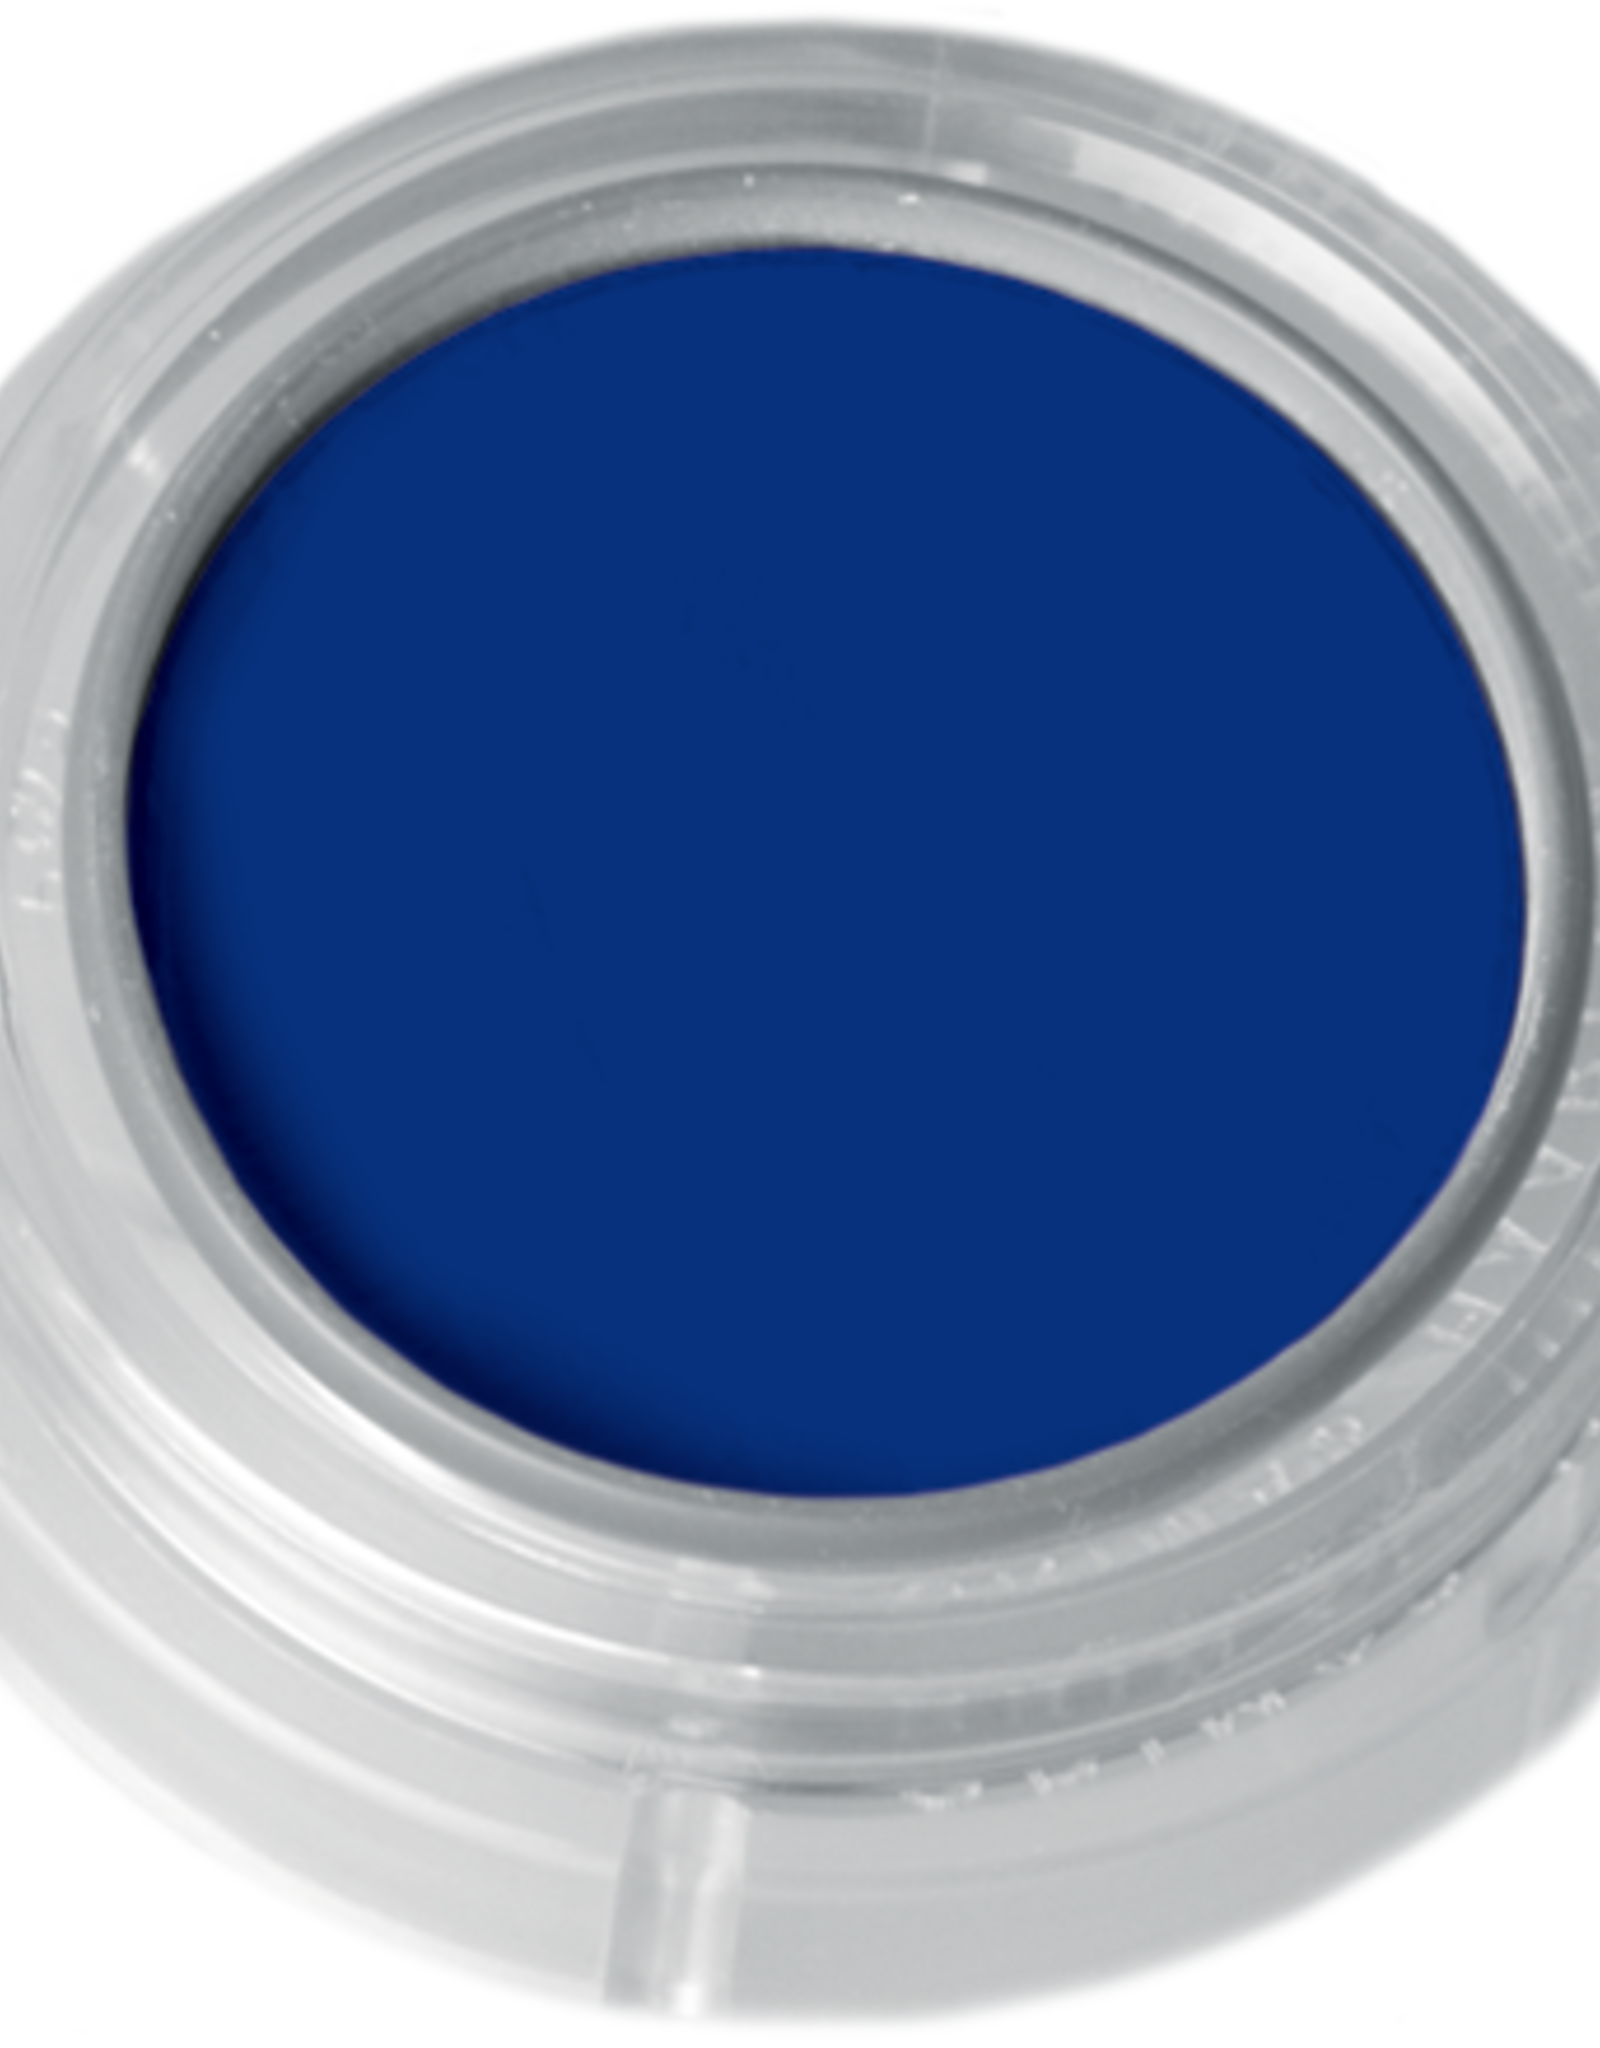 Water Make-Up 301 Donkerblauw